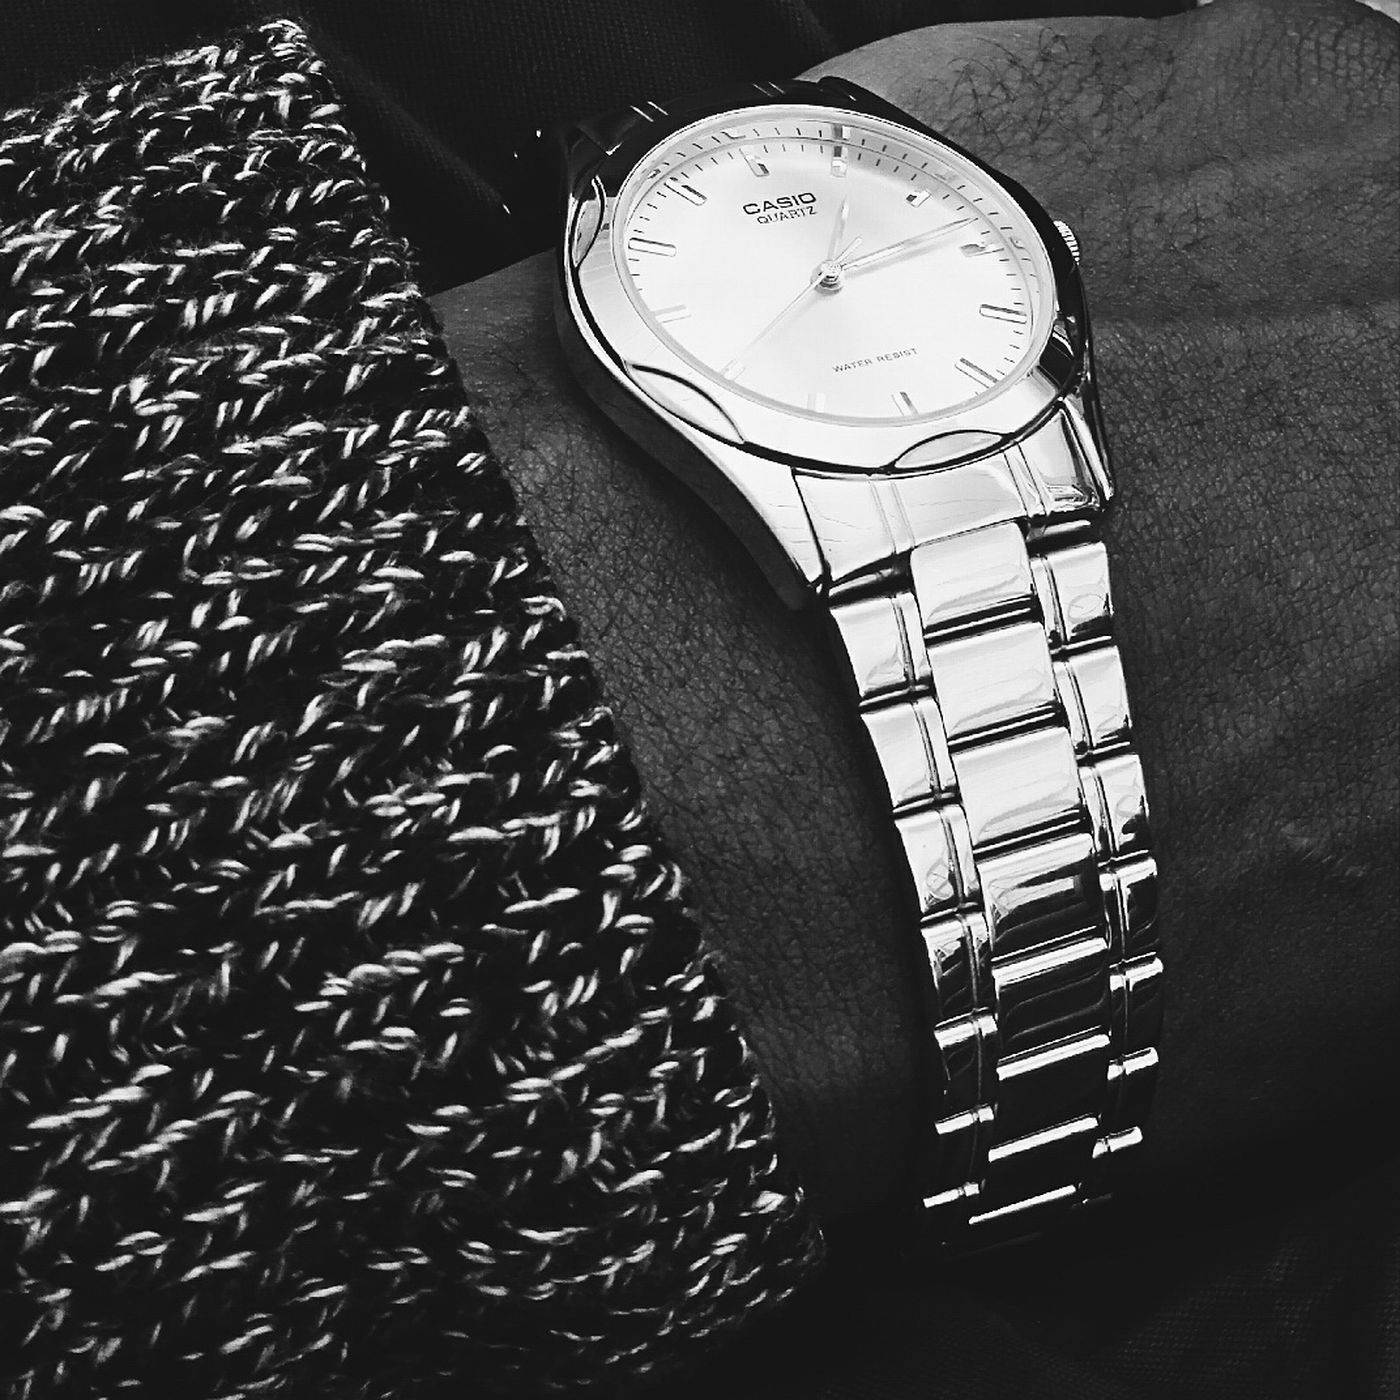 Time piece Black & White Casiowatch Magicstore